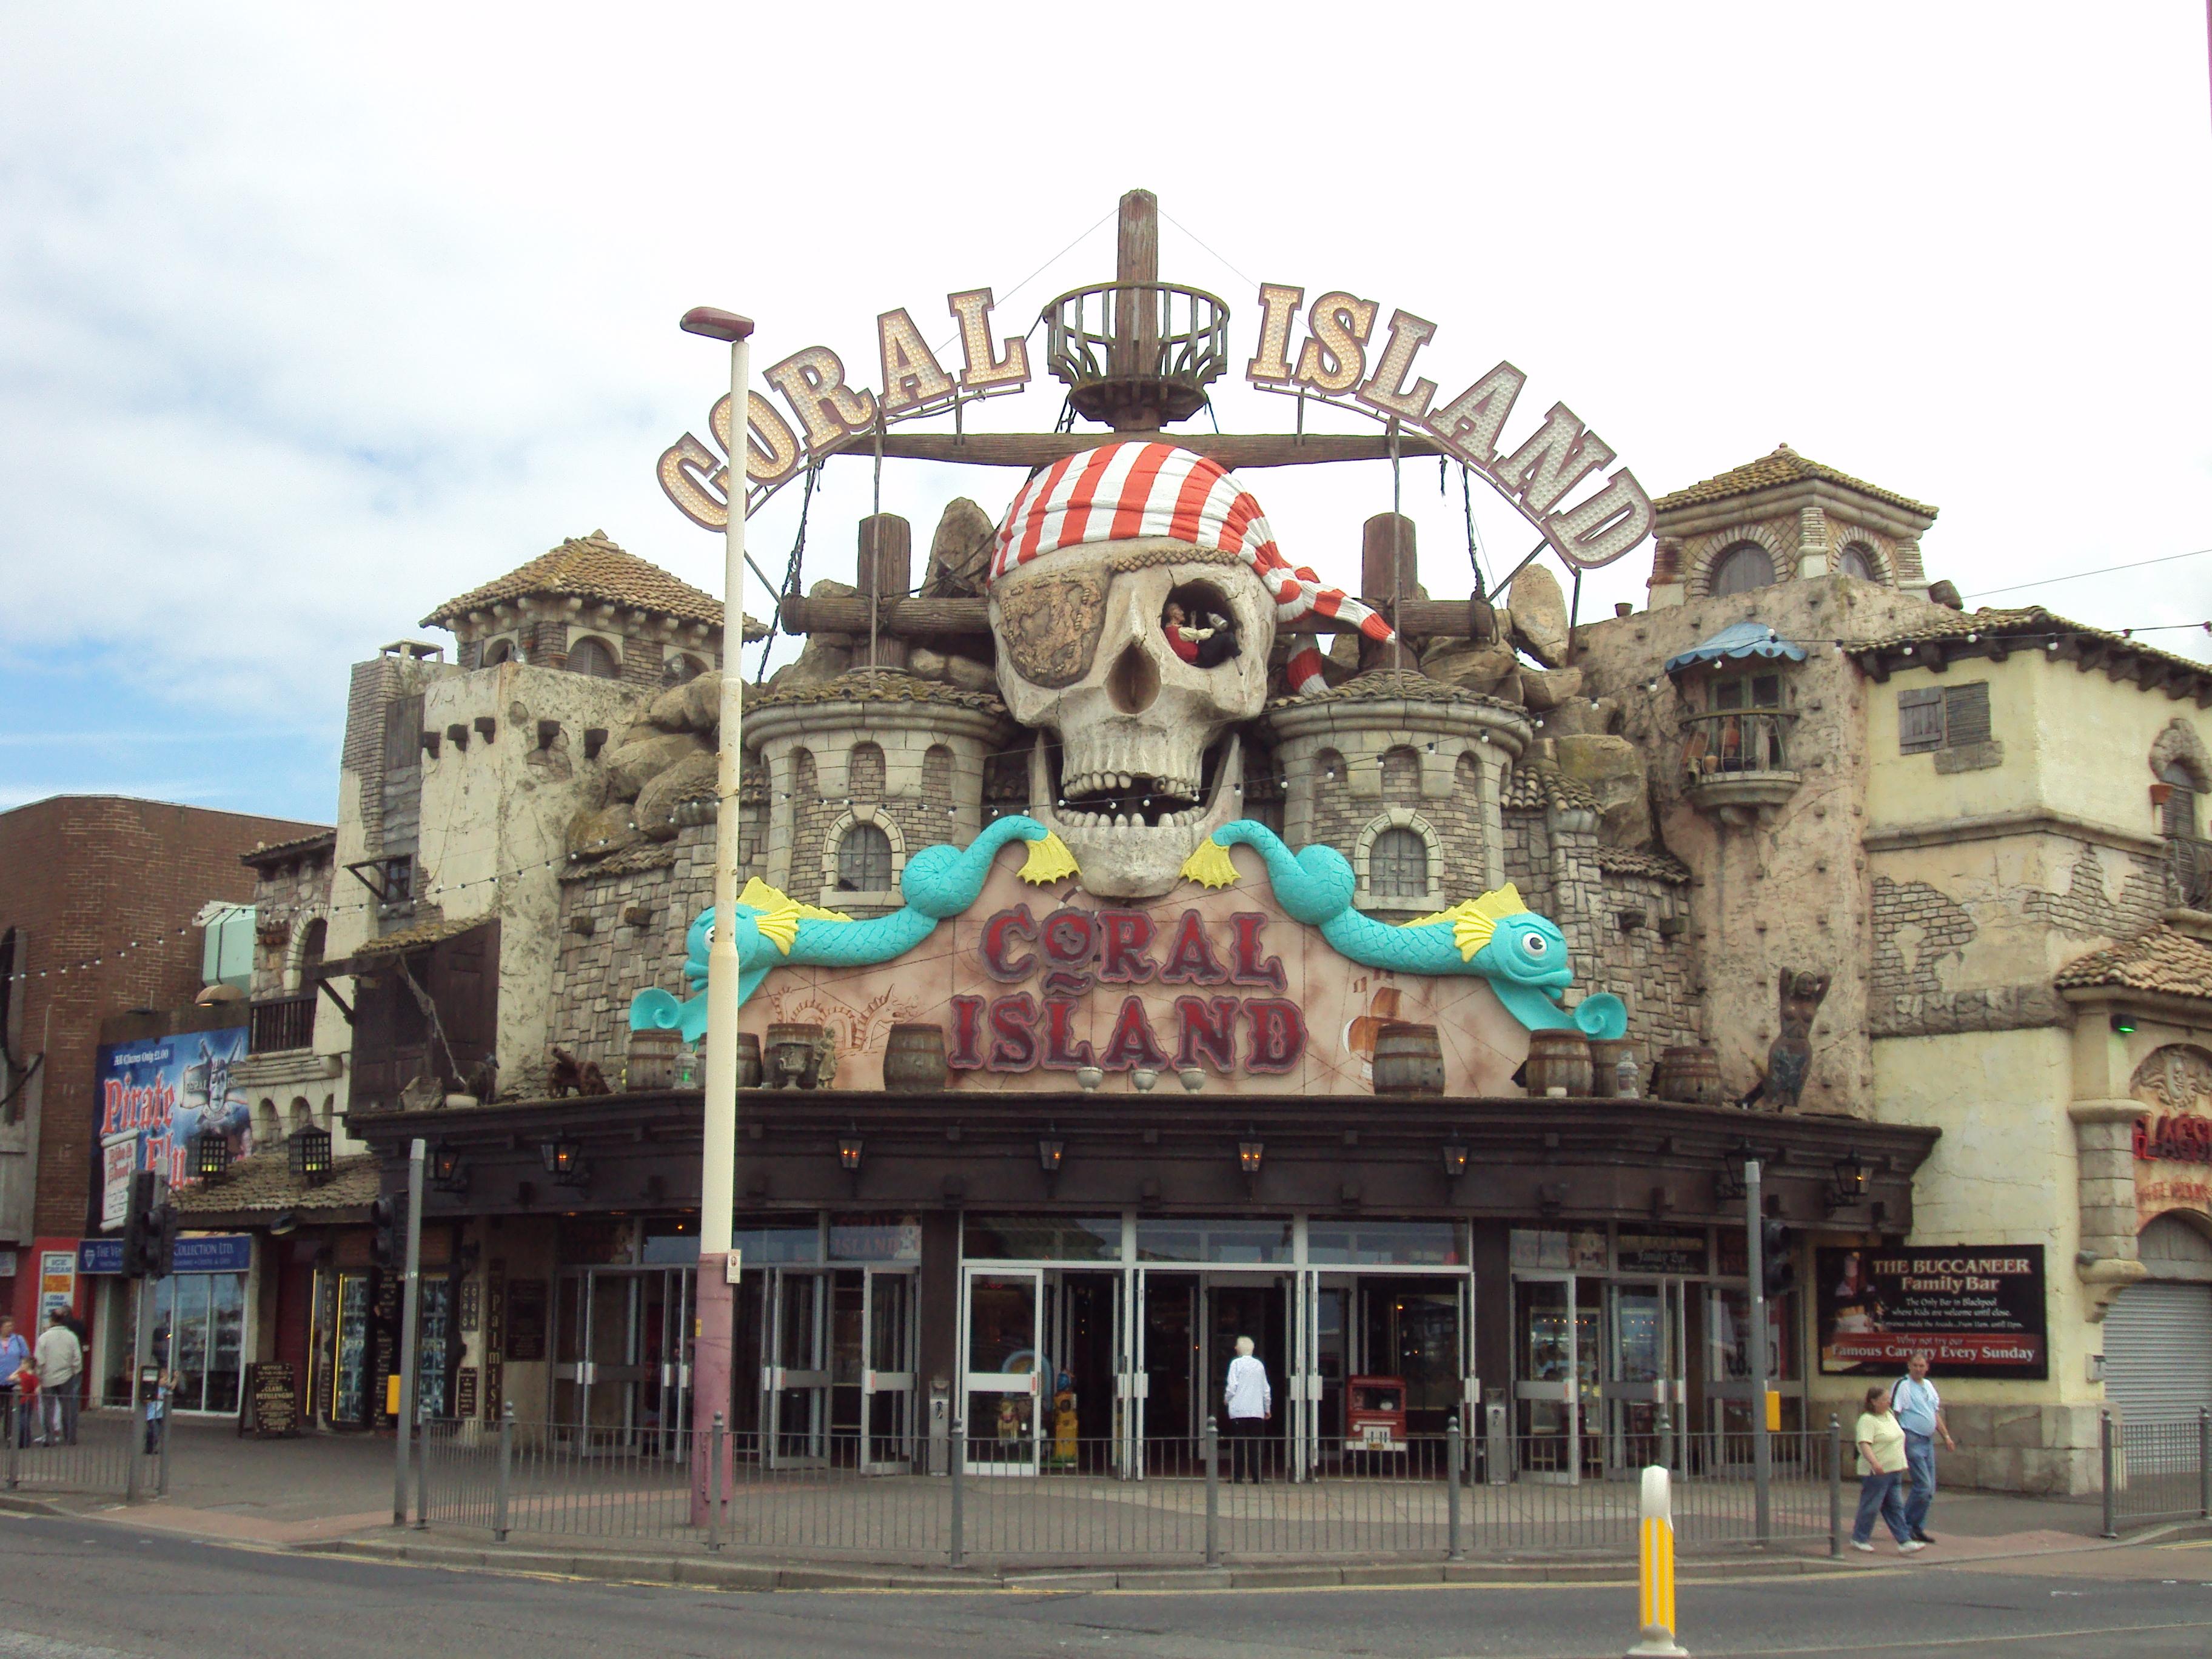 Ripleys Believe It or Not! Blackpool UK